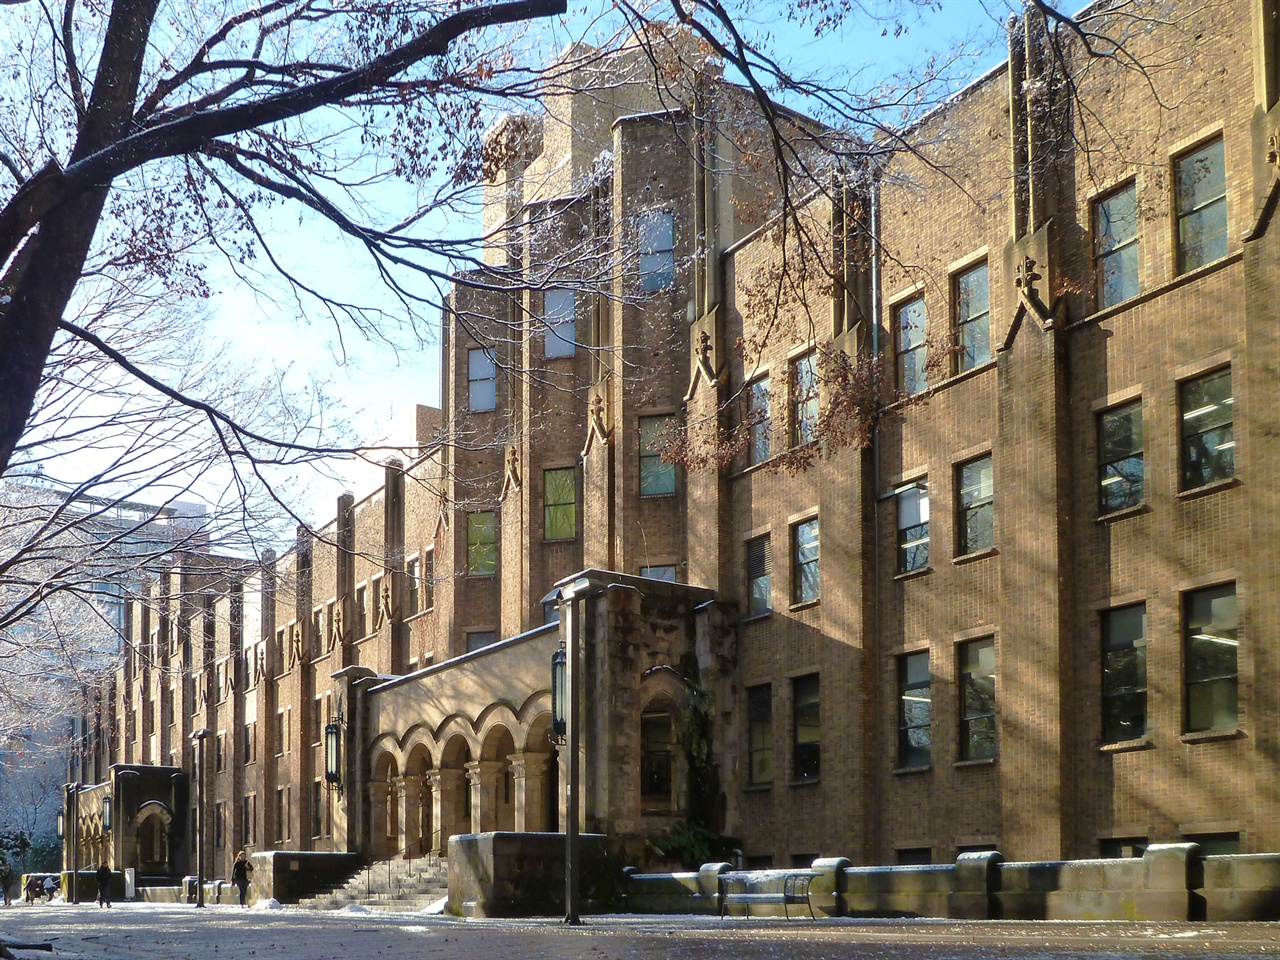 도쿄대학교 종합도서관 도쿄대학교는 '도쿄대학', '도쿄제국대학'을 거쳐 태평양전쟁 패전 후 연합국 사령부(GHQ)에 의해 '국립 도쿄대학교'로 바뀌었다. 제국대학 출범 전인 도쿄대학 시절(1877년) '법리문학부 도서관'이라는 명칭을 사용했는데, 동양에서 처음으로 '도서관' 명칭을 사용한 사례로 추정되고 있다.